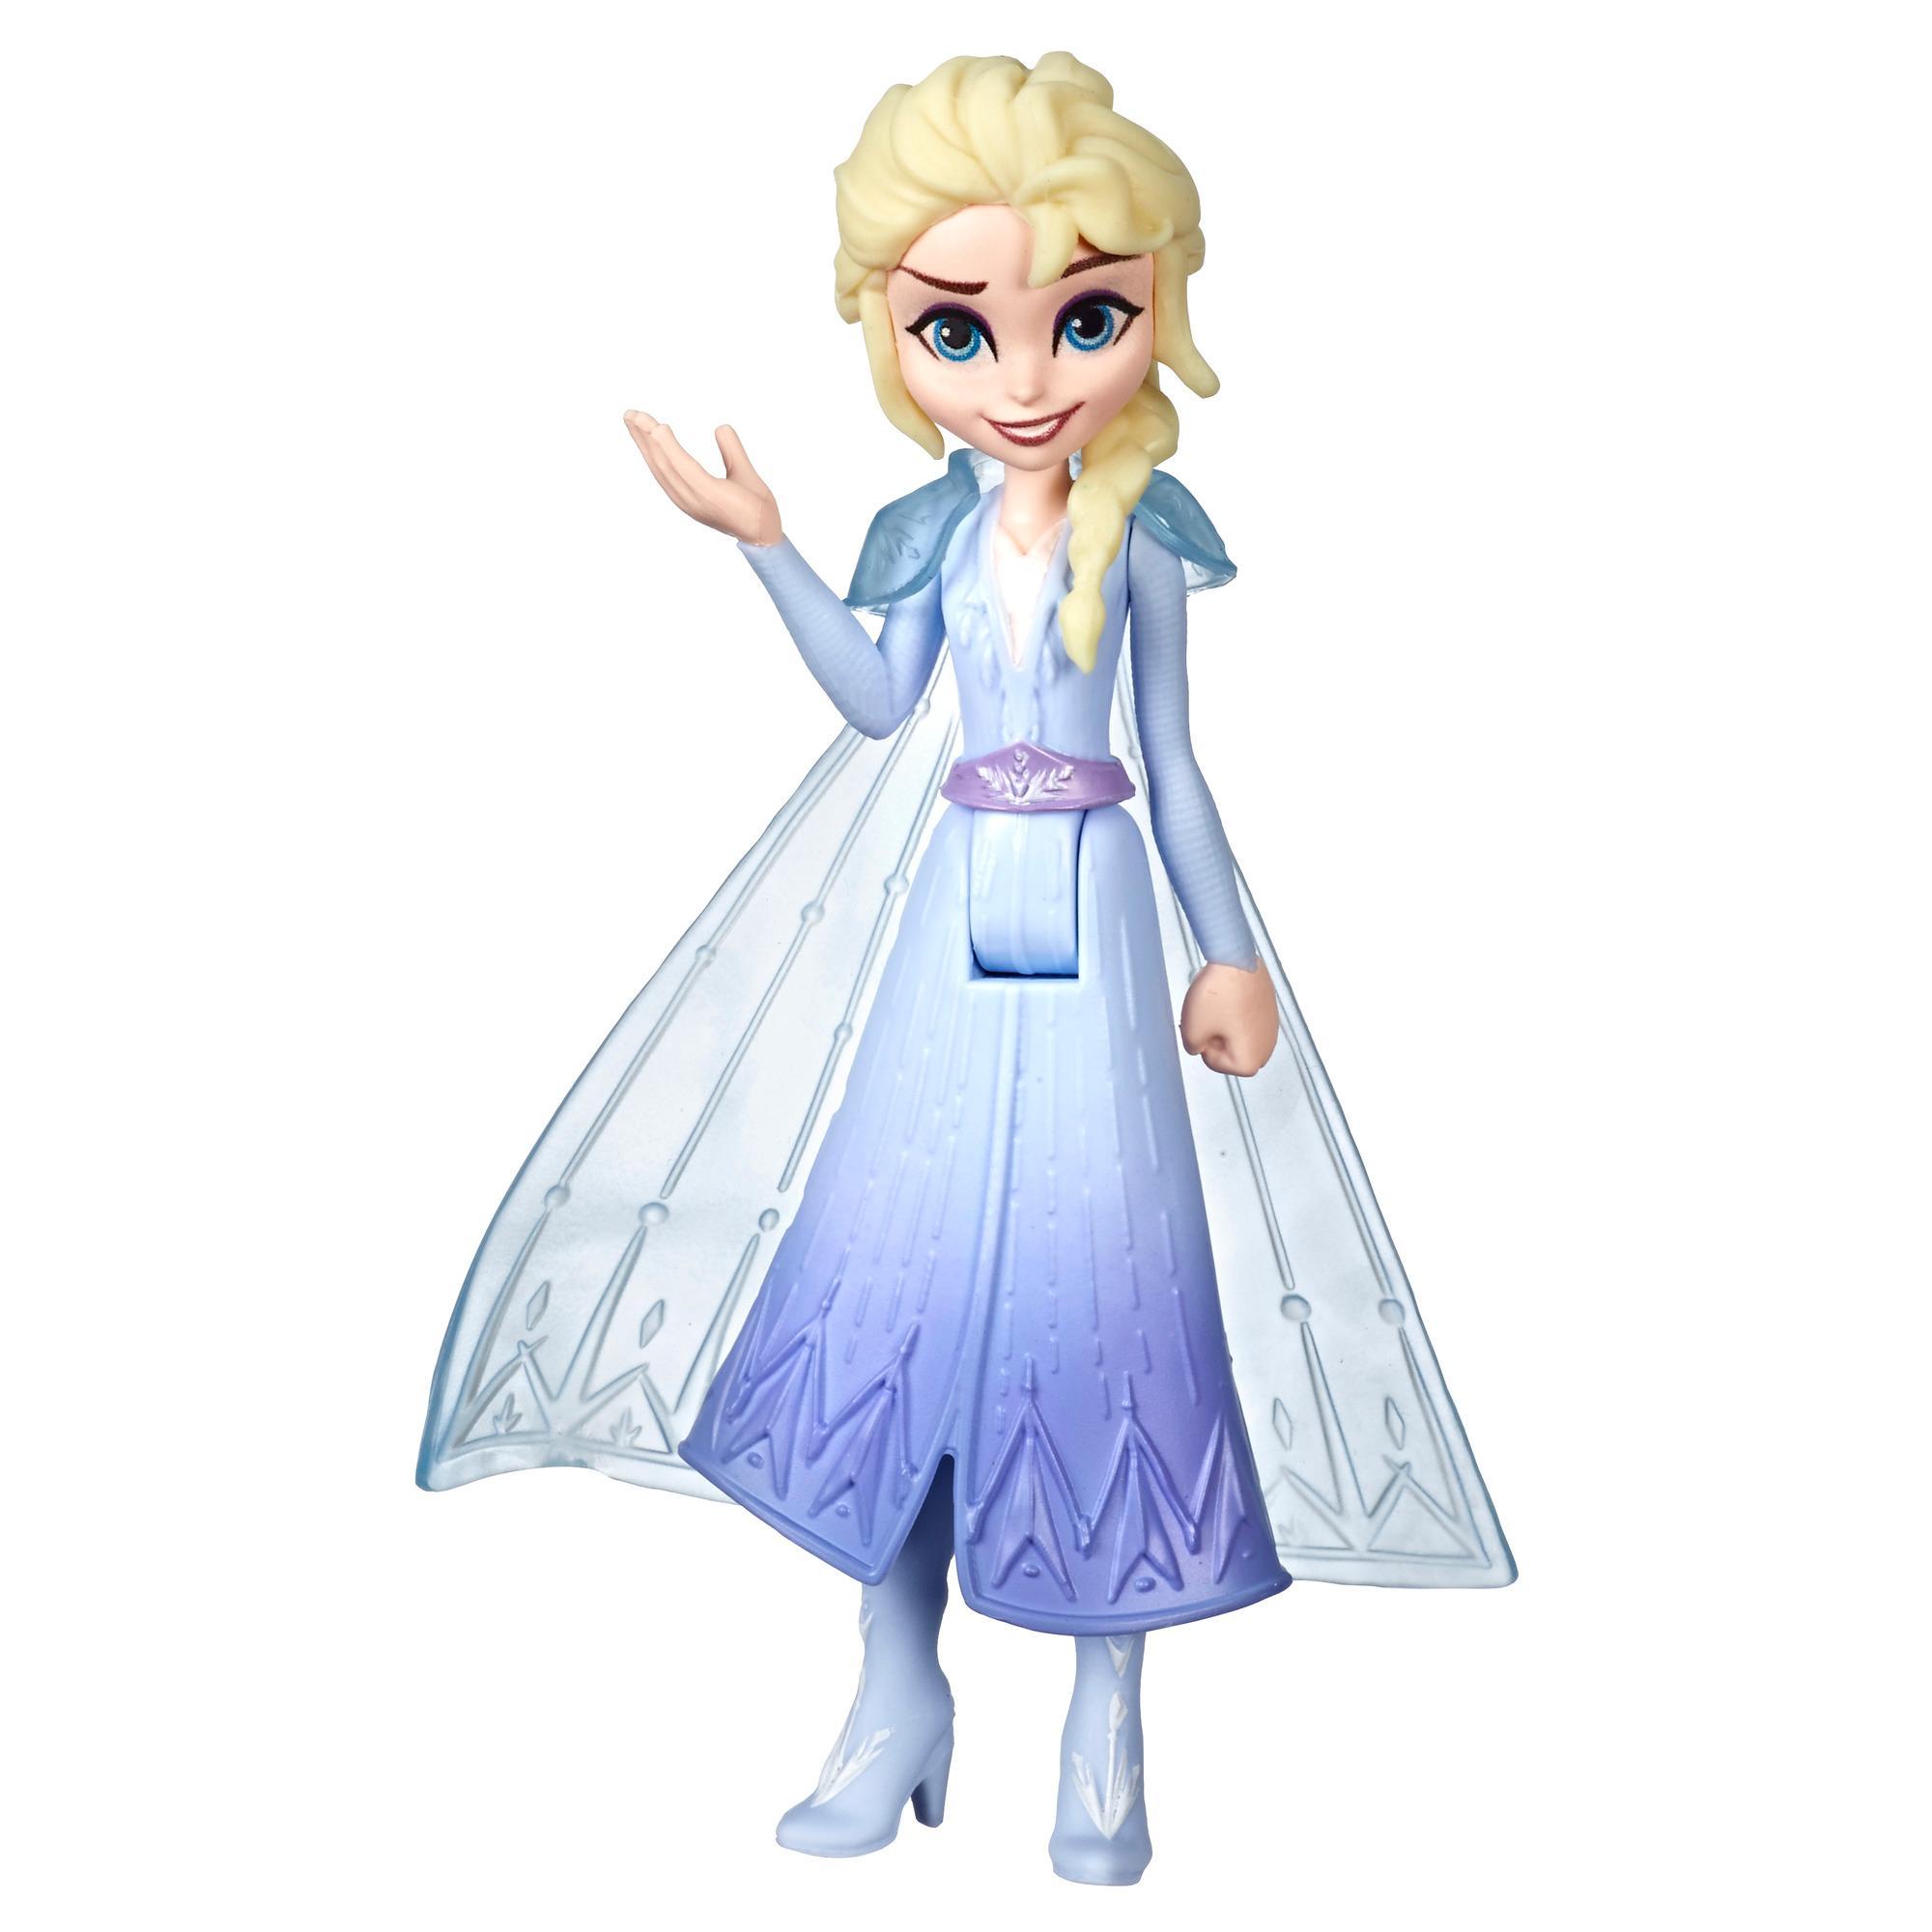 Frozen 2, Έλσα - Μικρή Φιγούρα